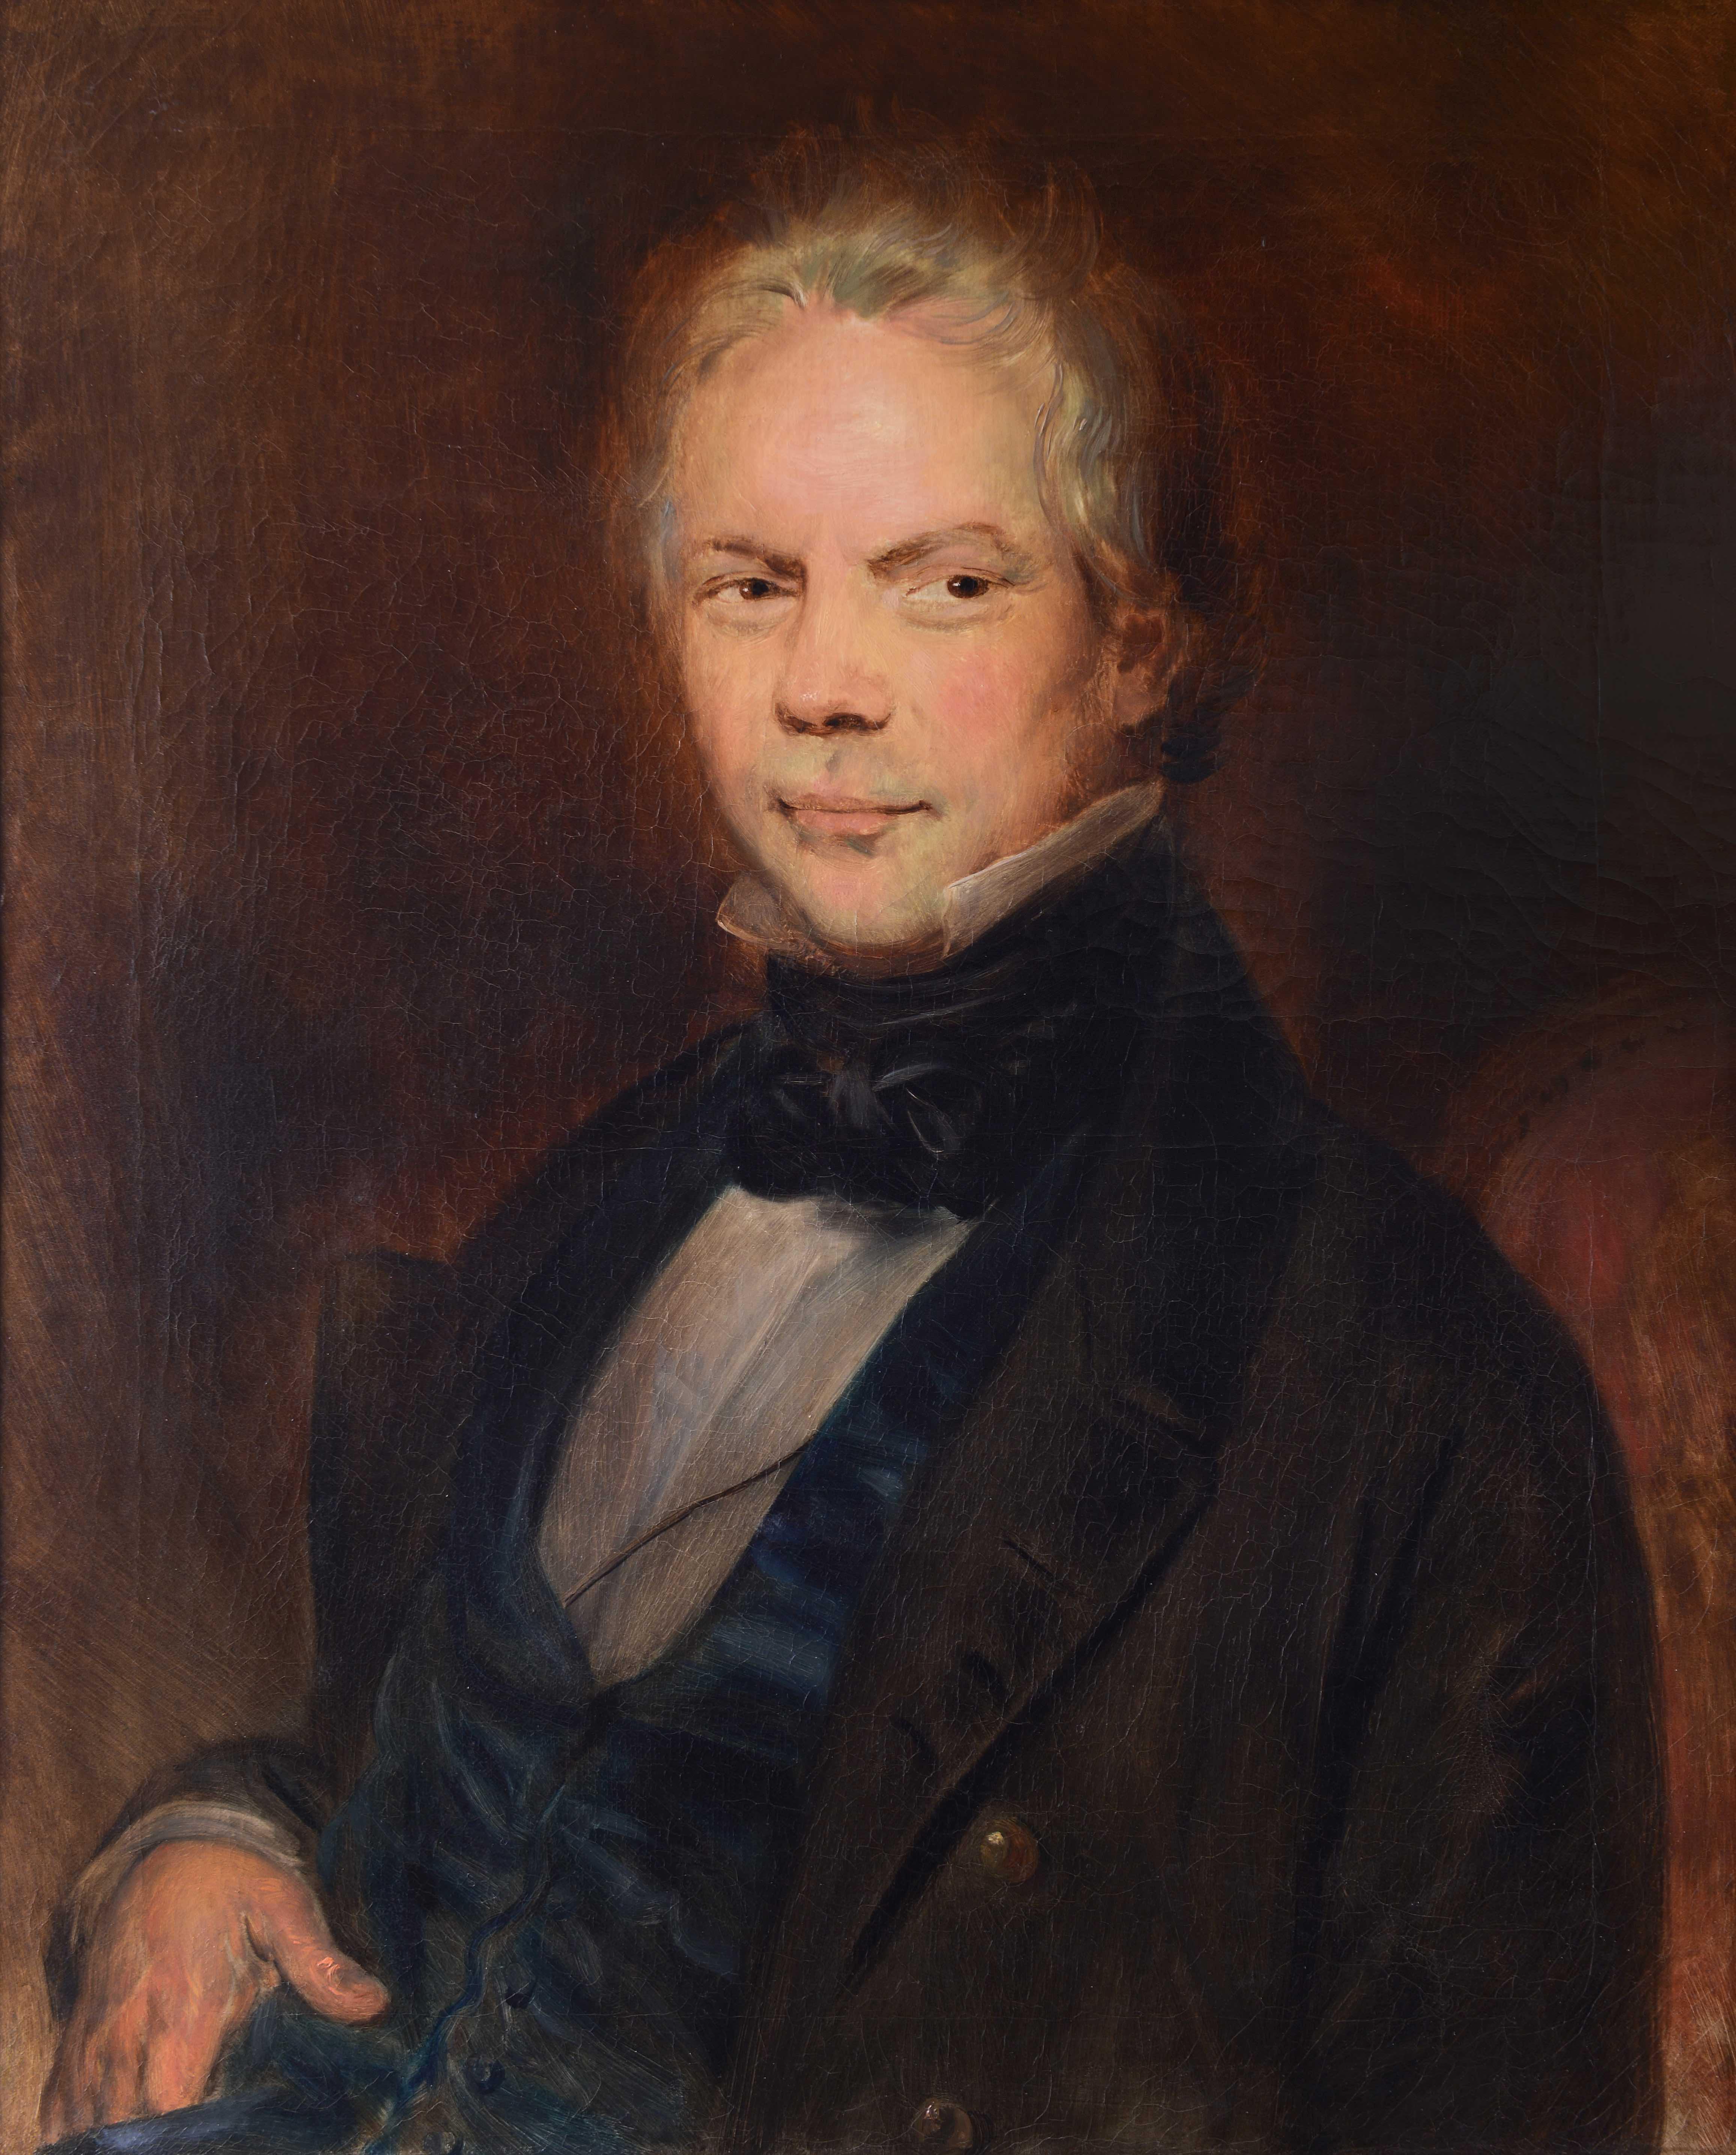 Joseph-Antoine Wiertz, Portrait de Florentin Faure, vers 1830 © Musée de Valence, photographie Eric Caillet